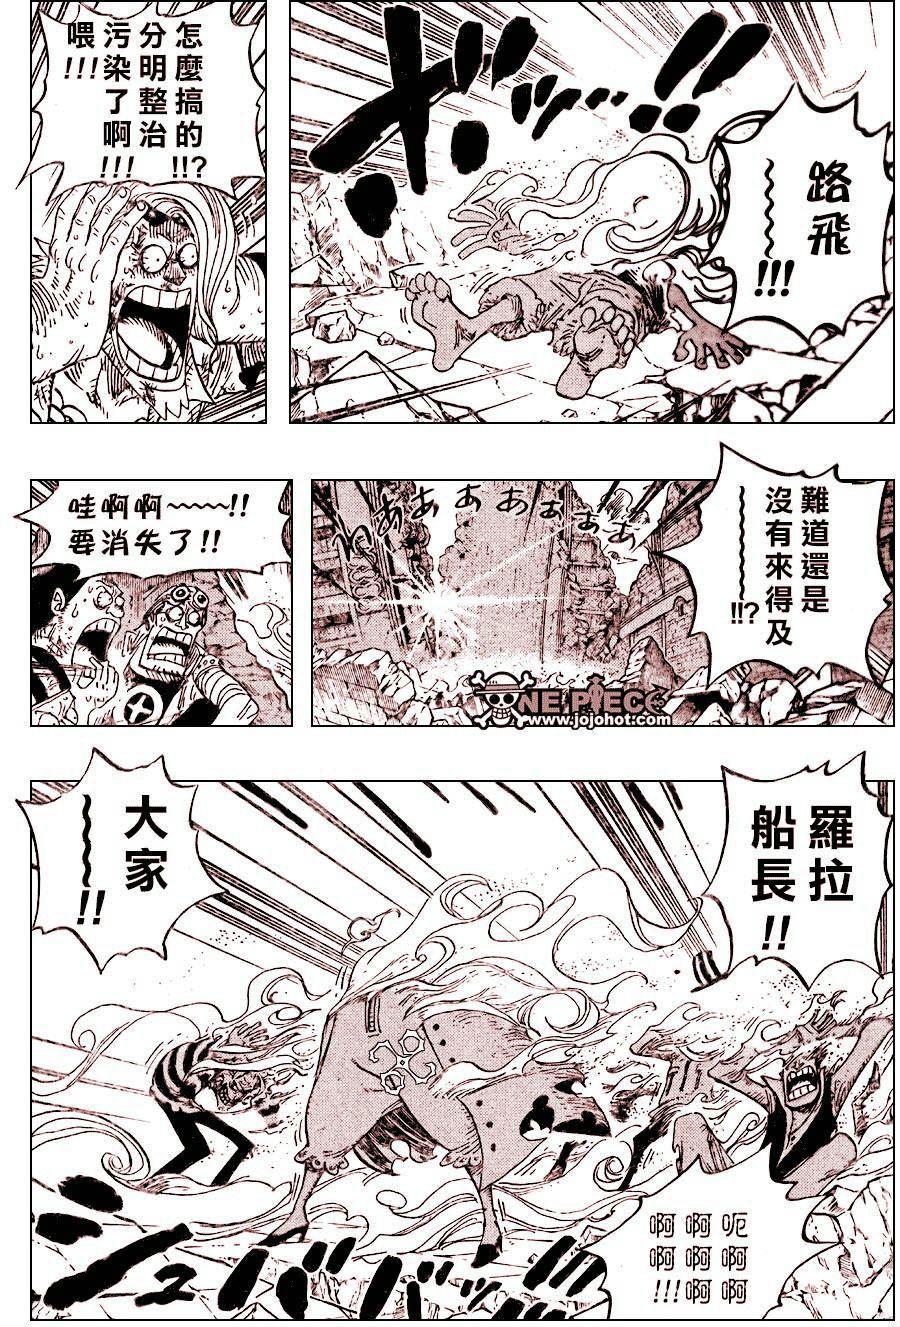 海賊王漫畫